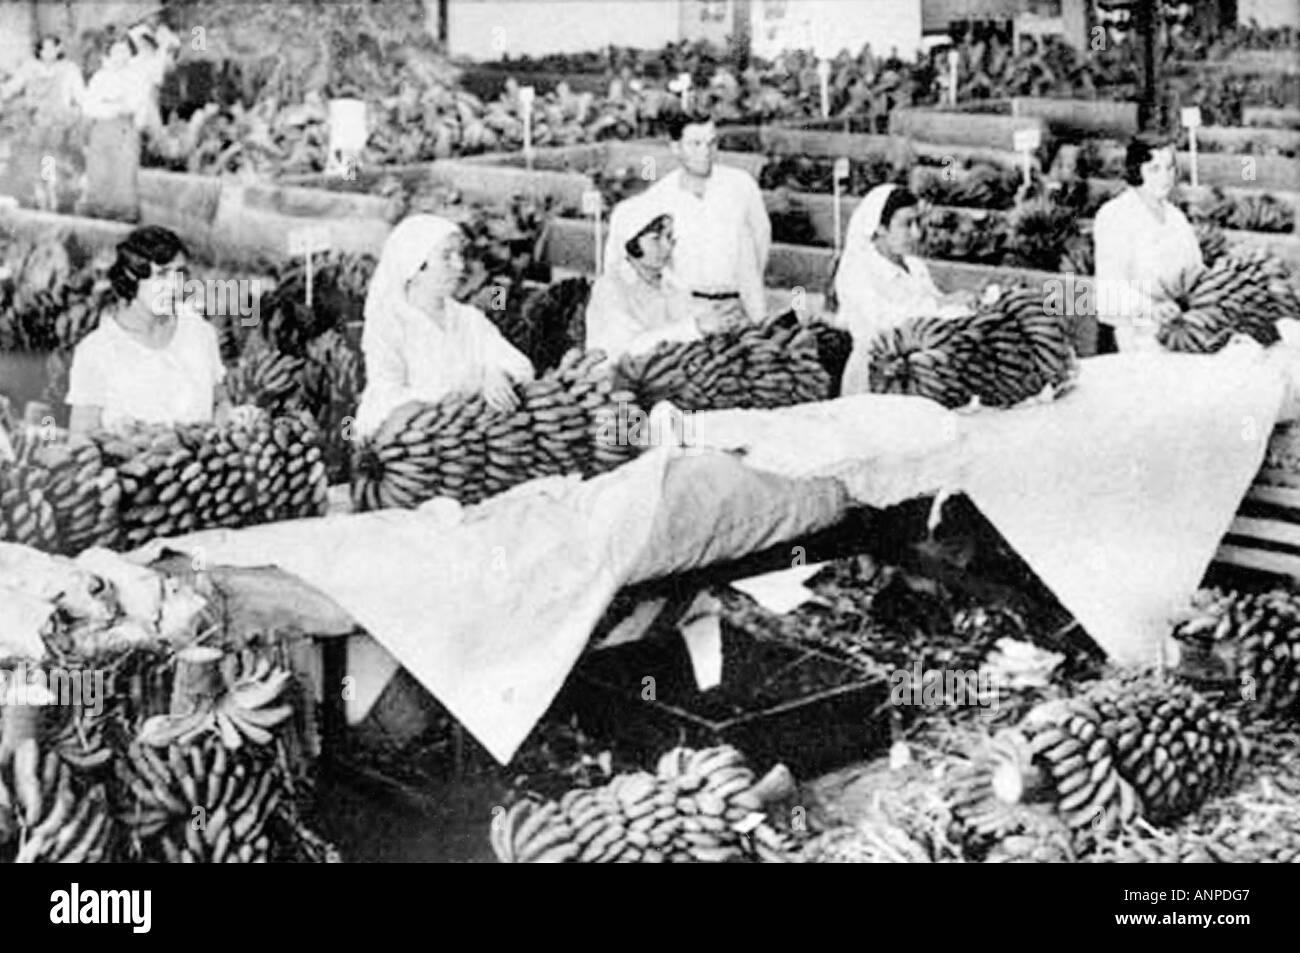 Photo d'Archive de la femme la préparation de bananes pour l'exportation. Le Molino de Gofio musée ethnographique de Hermigua, La Gomera. Photo Stock